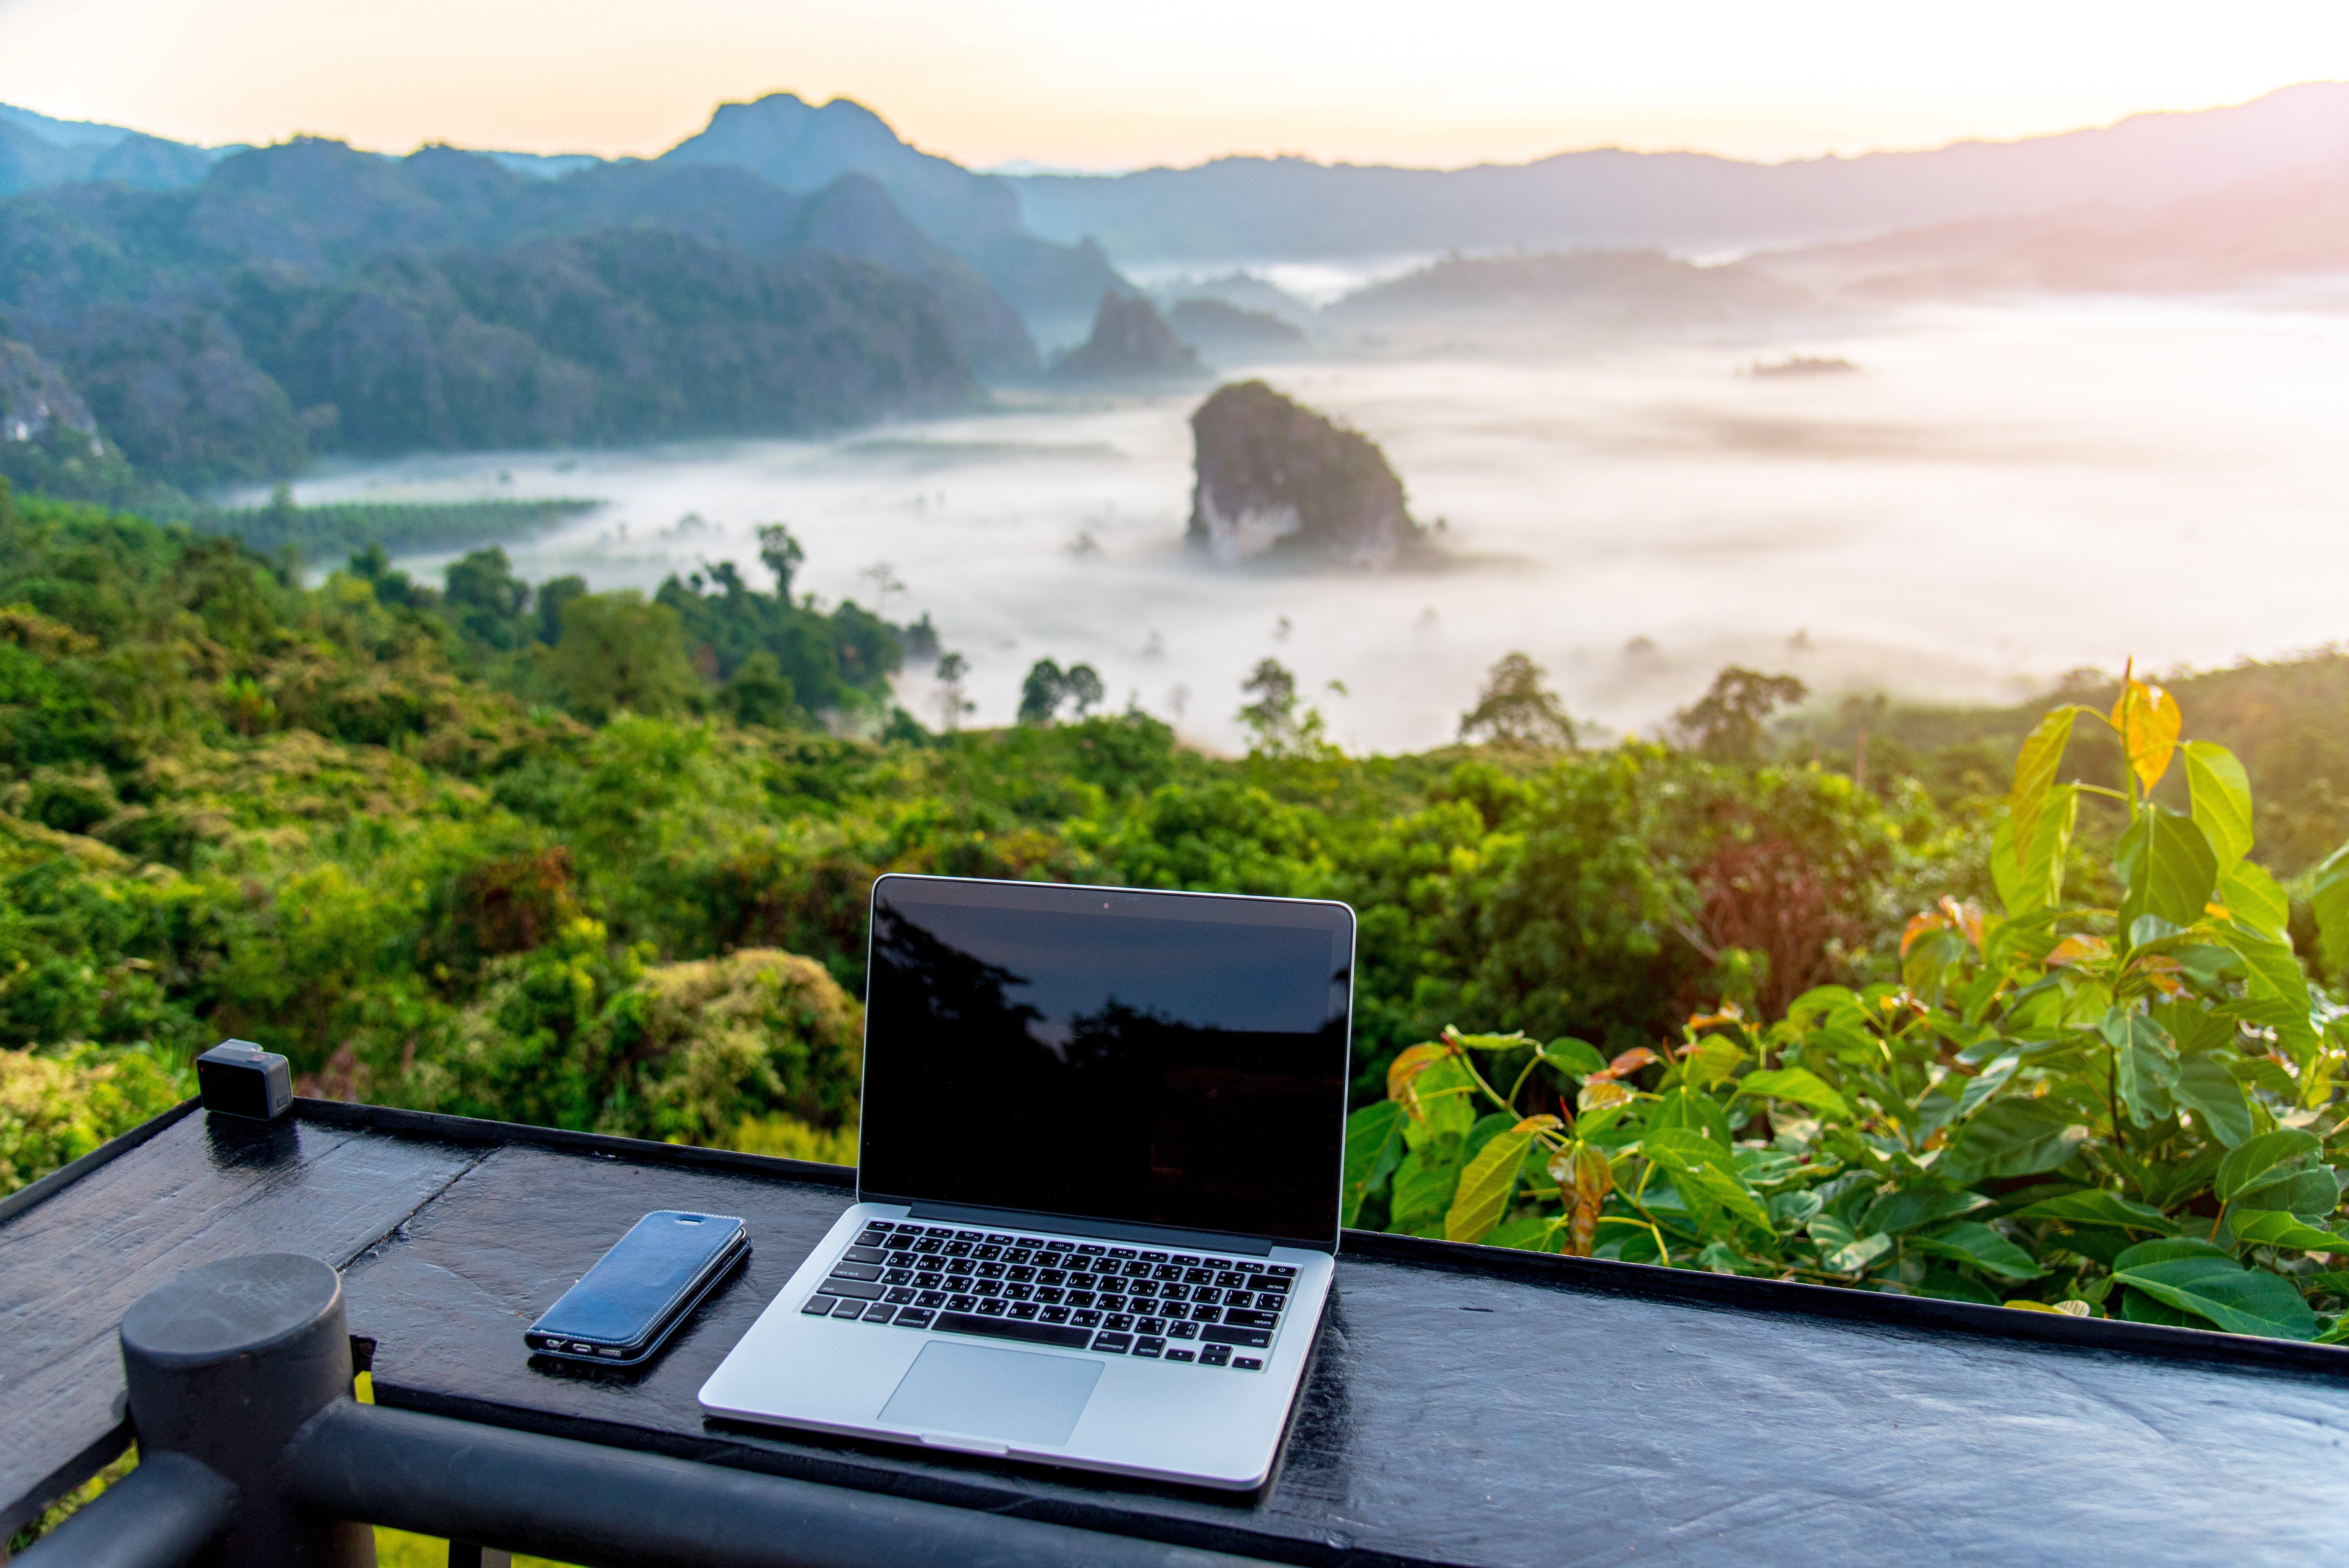 cloudwerkplek online ideale werkplek paas